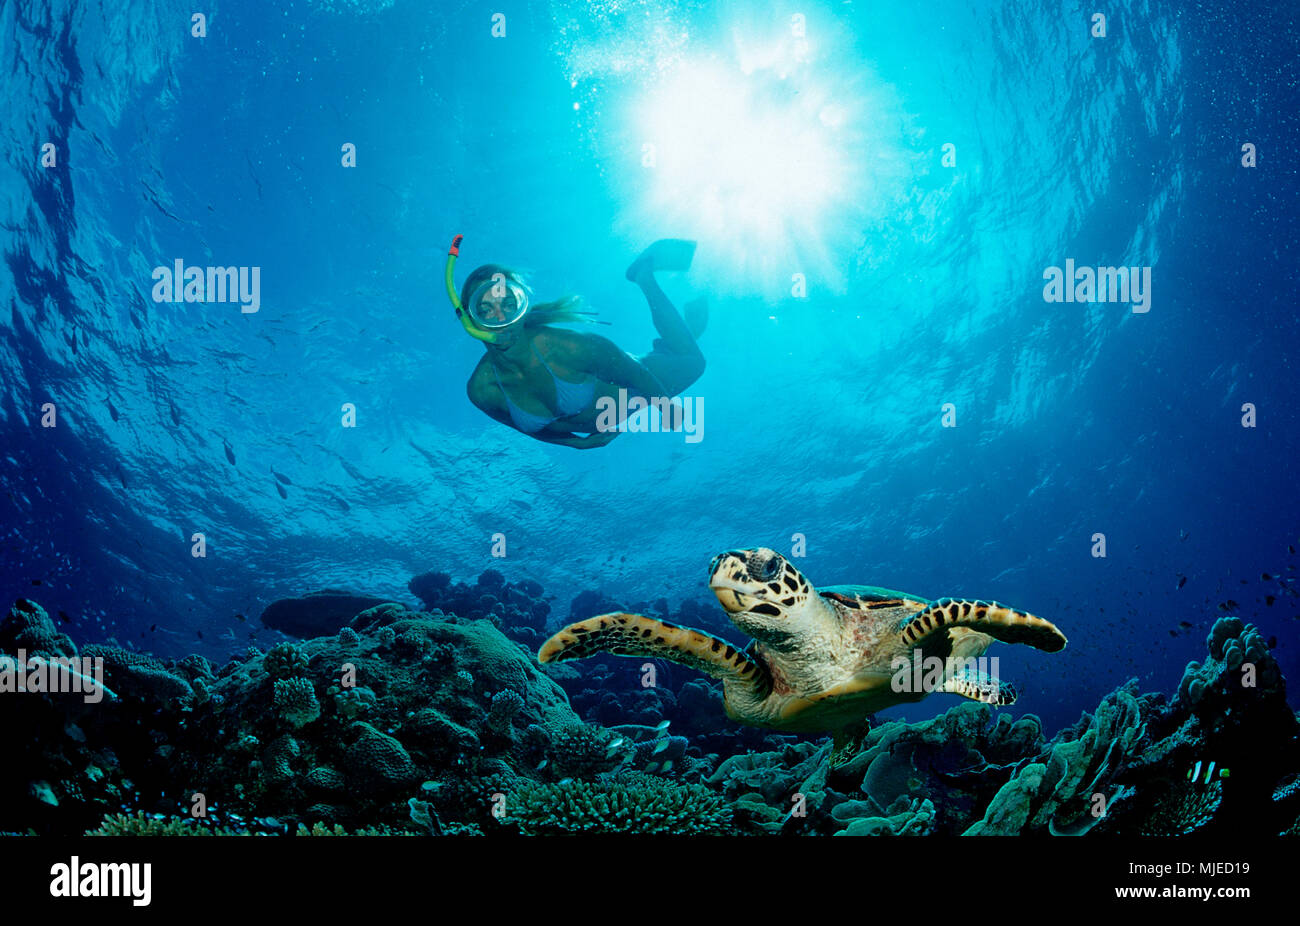 Tartaruga embricata e pelle subacqueo, Eretmochelys imbricata, Maldive, Oceano Indiano, Meemu Atoll Immagini Stock